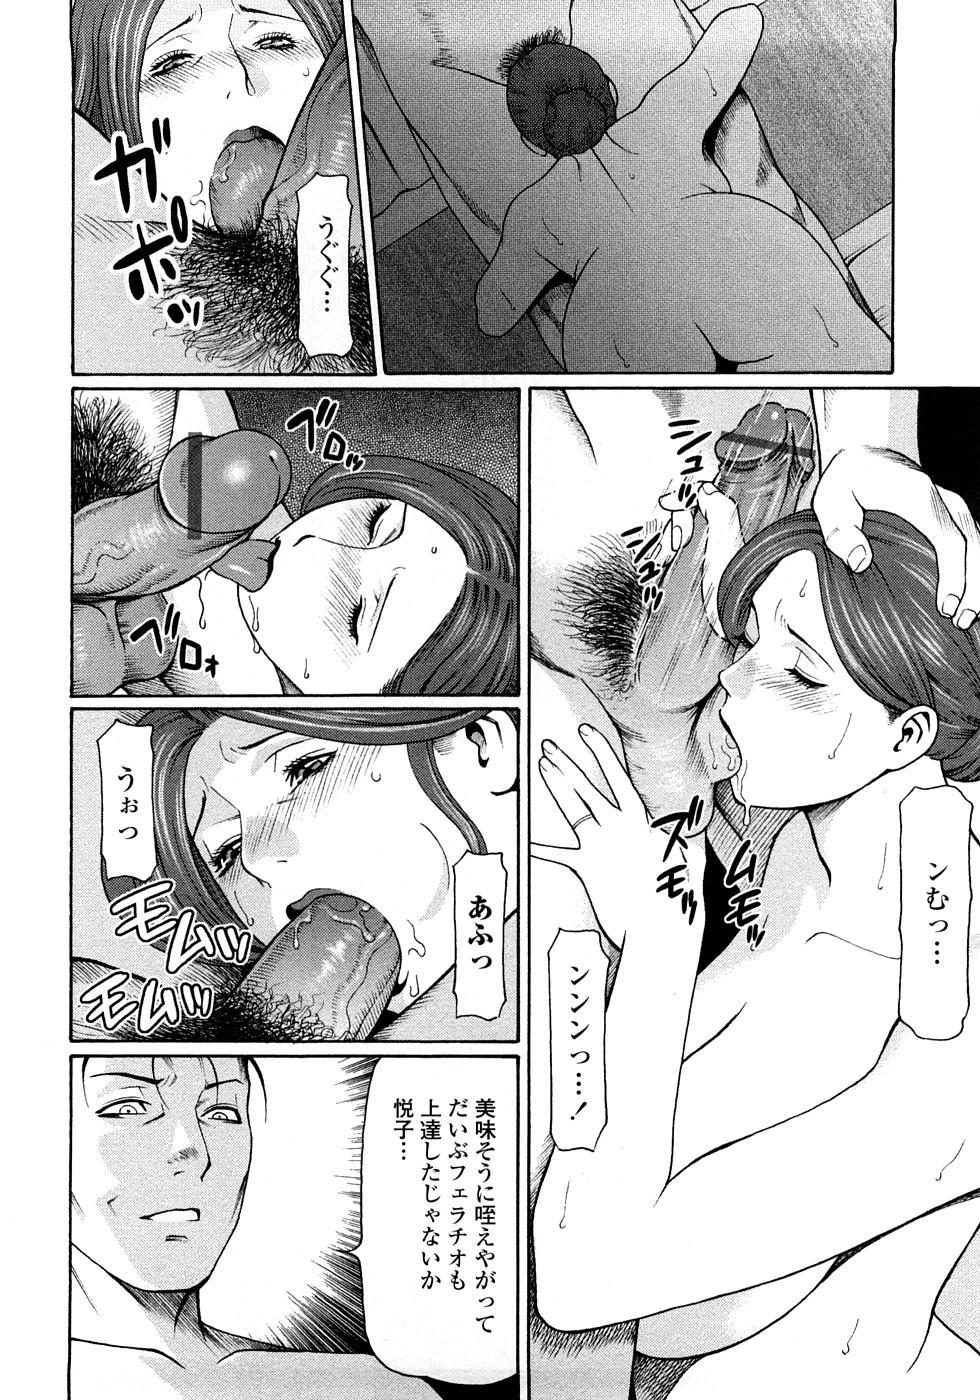 Etsuraku no Tobira - The Door of Sexual Pleasure 154